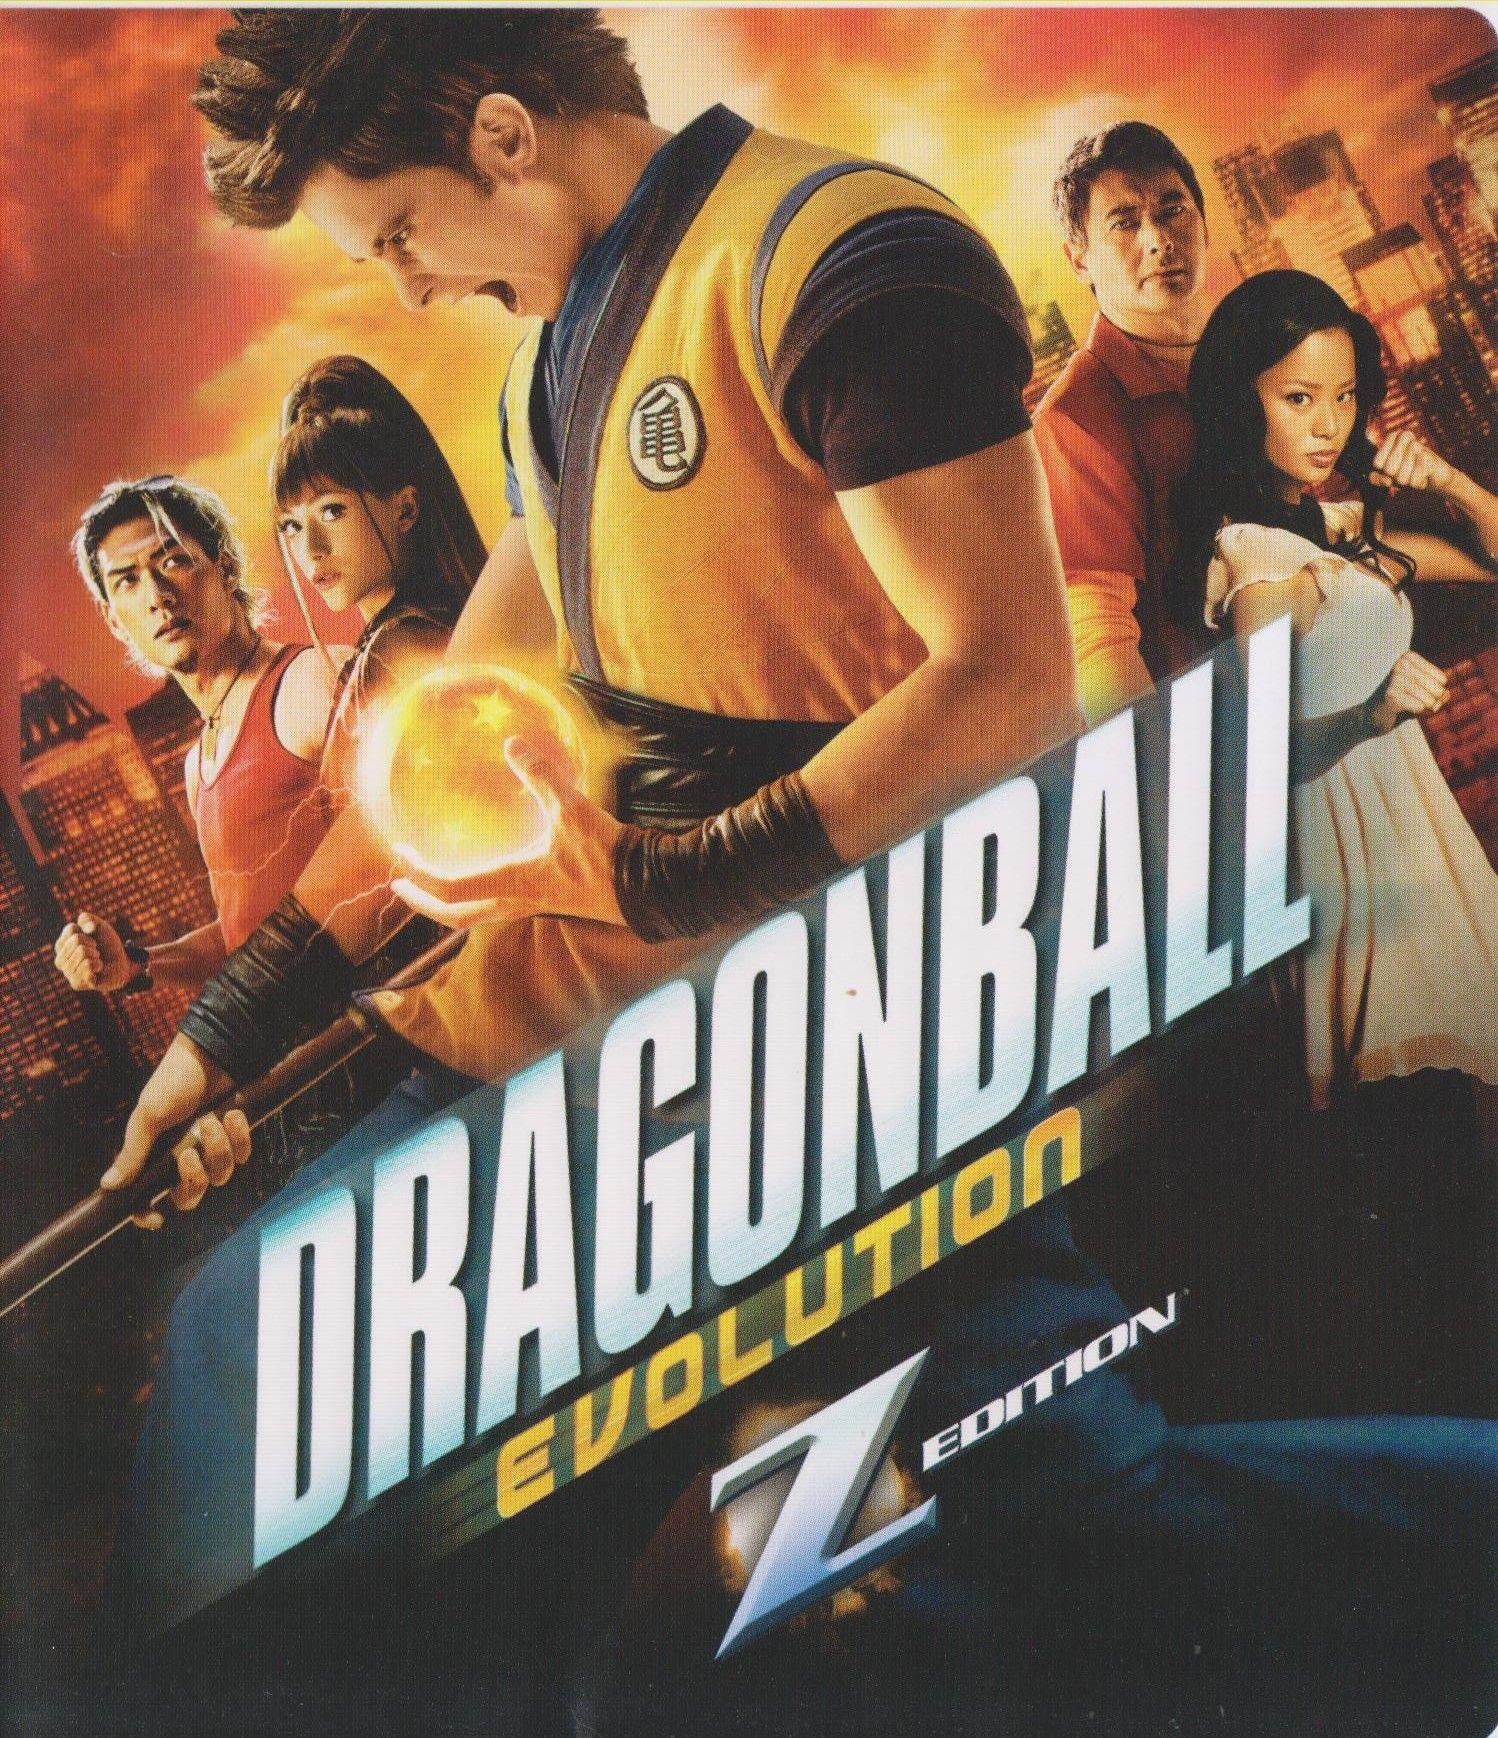 Dragonball Evolution Z Edition Dragonball evolution